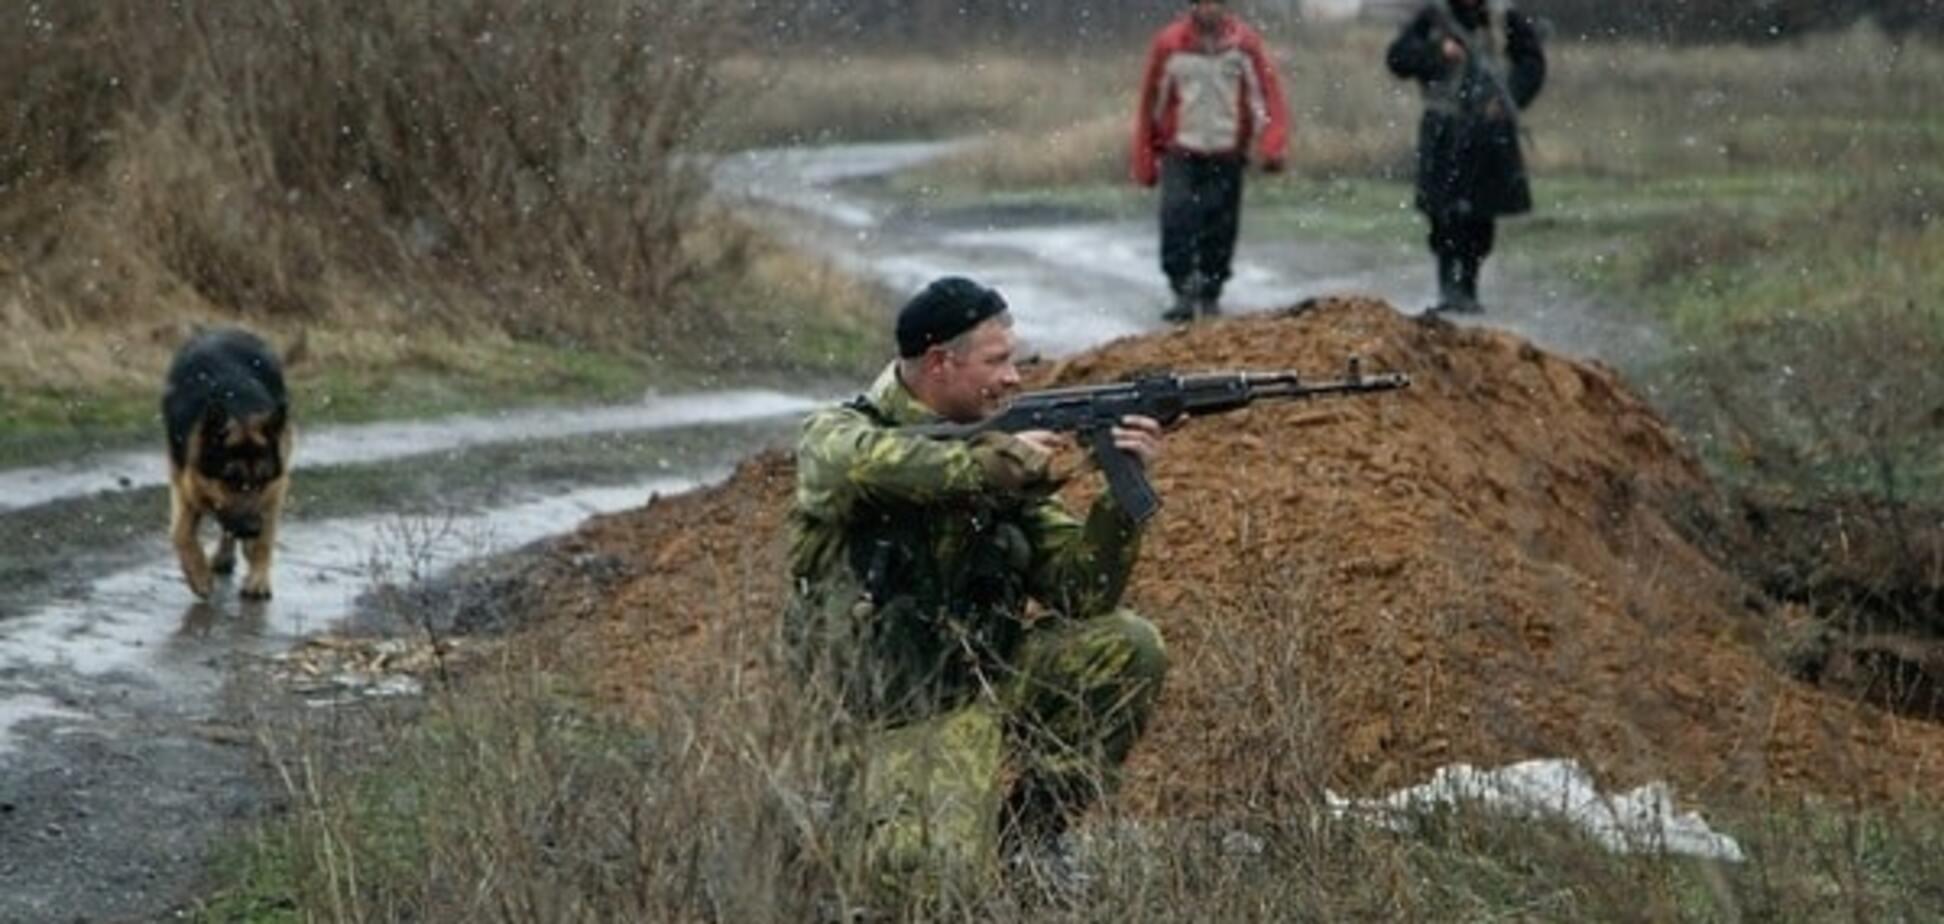 АТО: в штабі доповіли обстановку на Донбасі і розповіли, як терористи обстрілюють самі себе